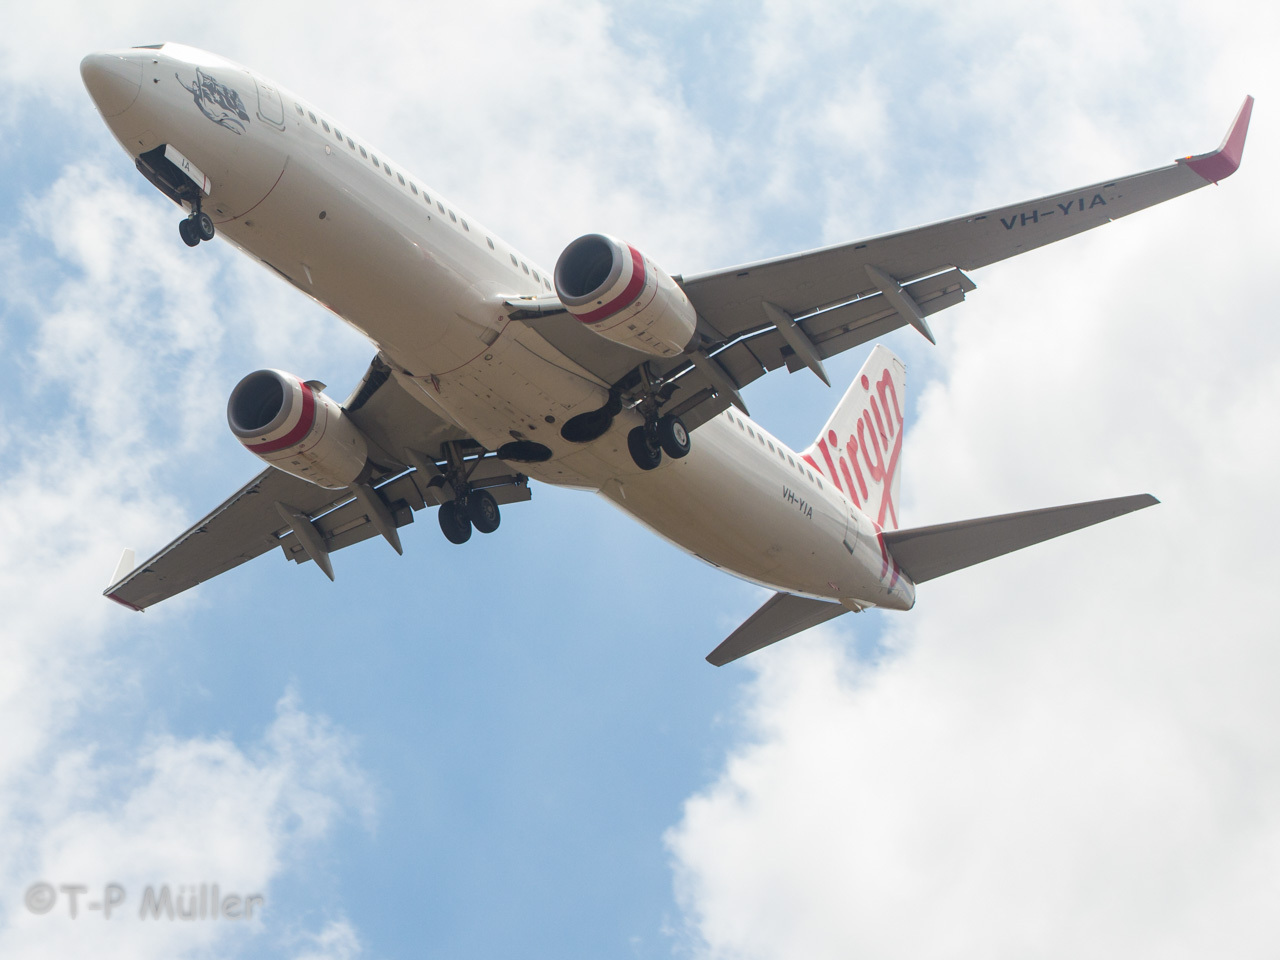 Flugtipps - Fluggesellschaftde